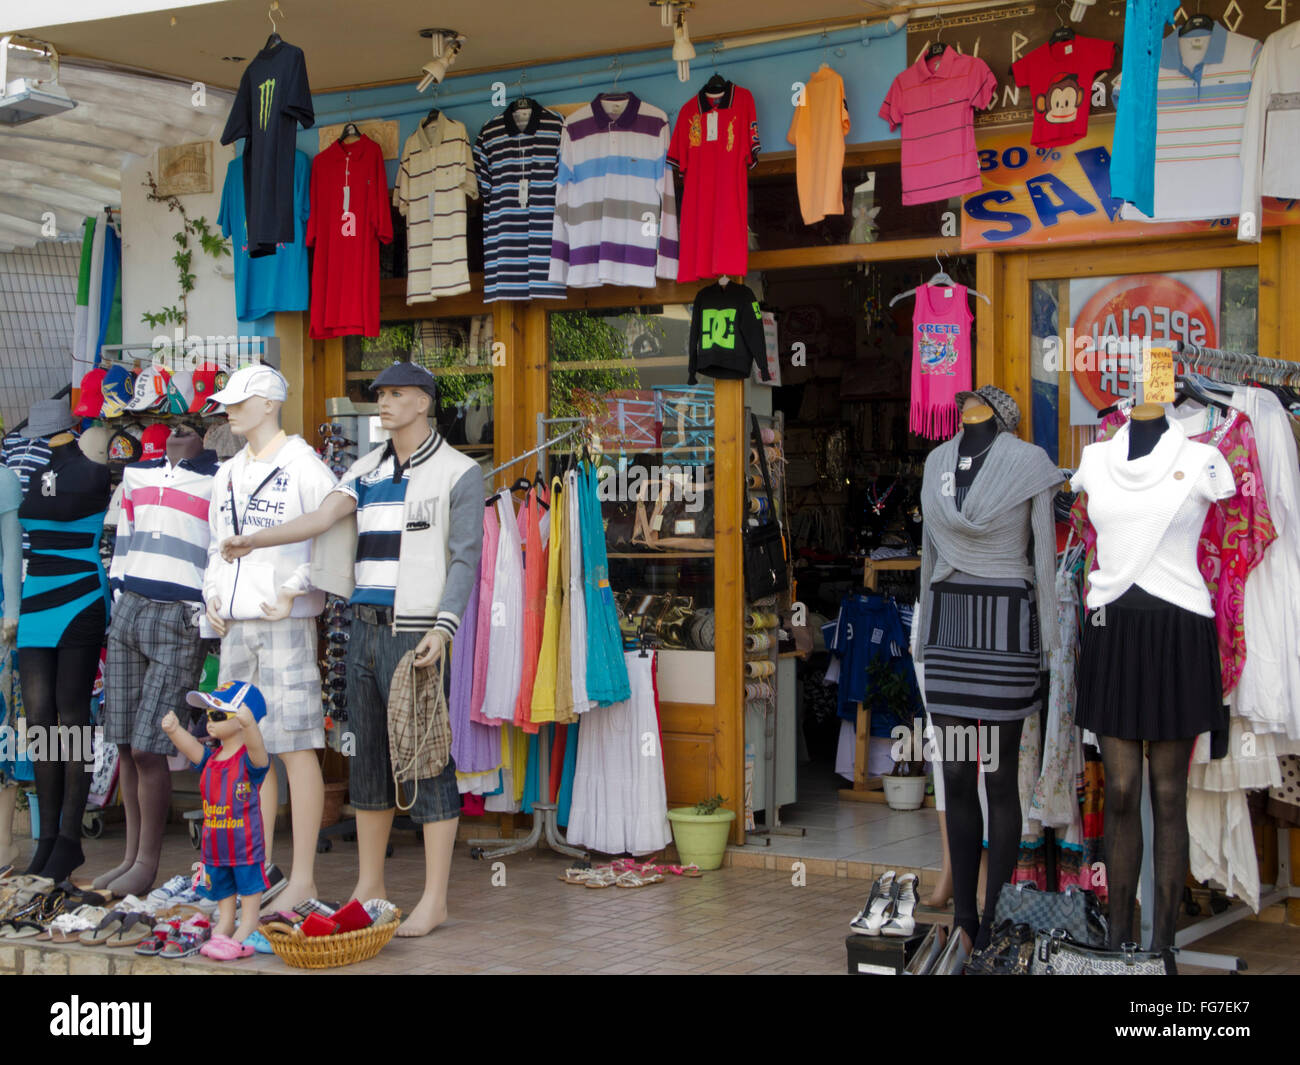 Shopping Einkaufen Laden Boutique Kleider Textilien Tourismus